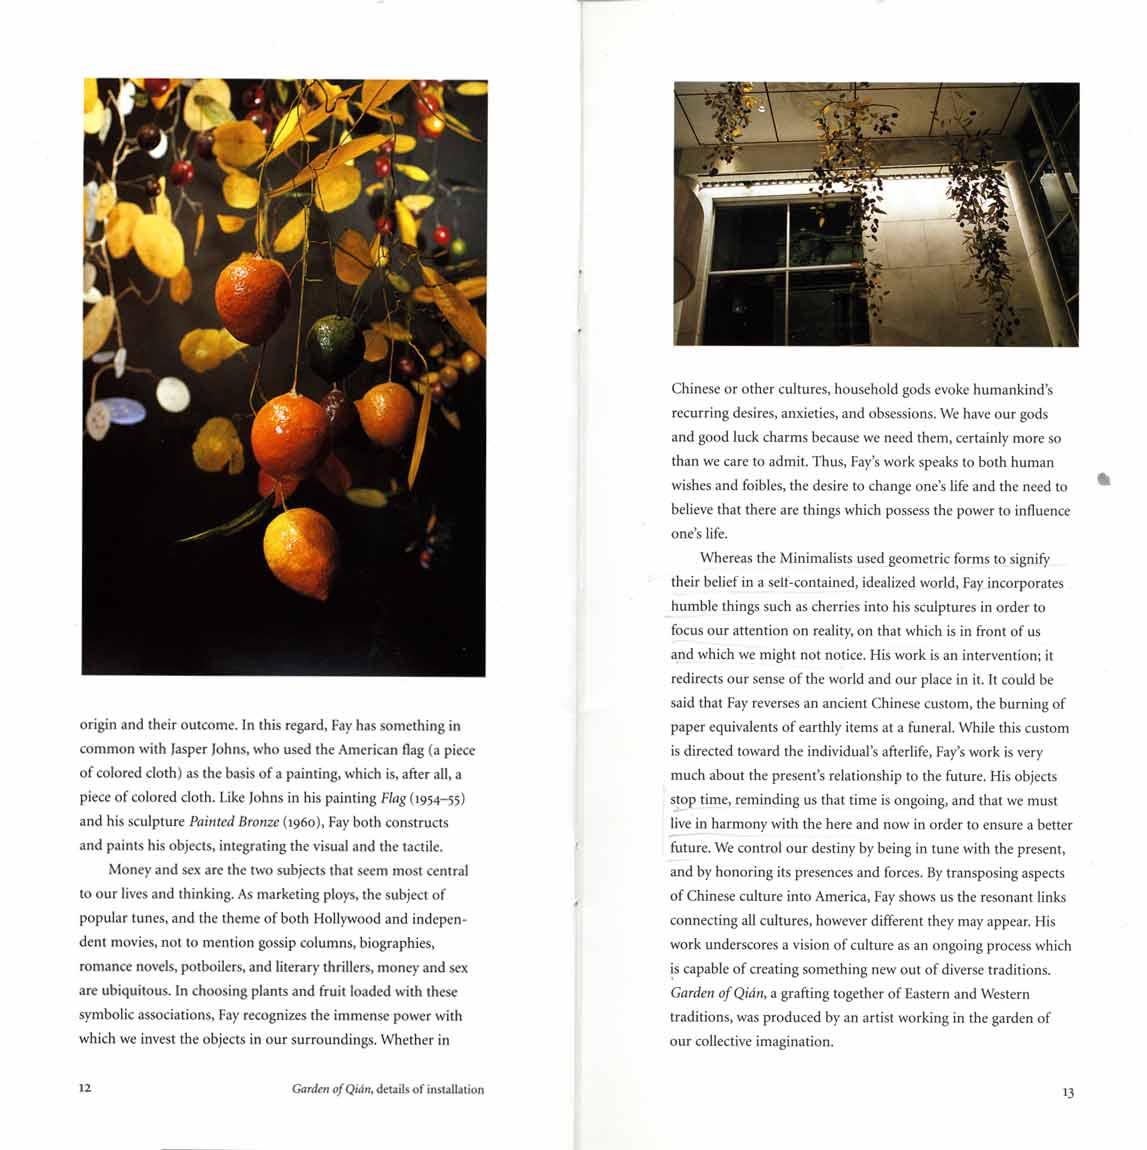 Garden of Qian, brochure, pg 8